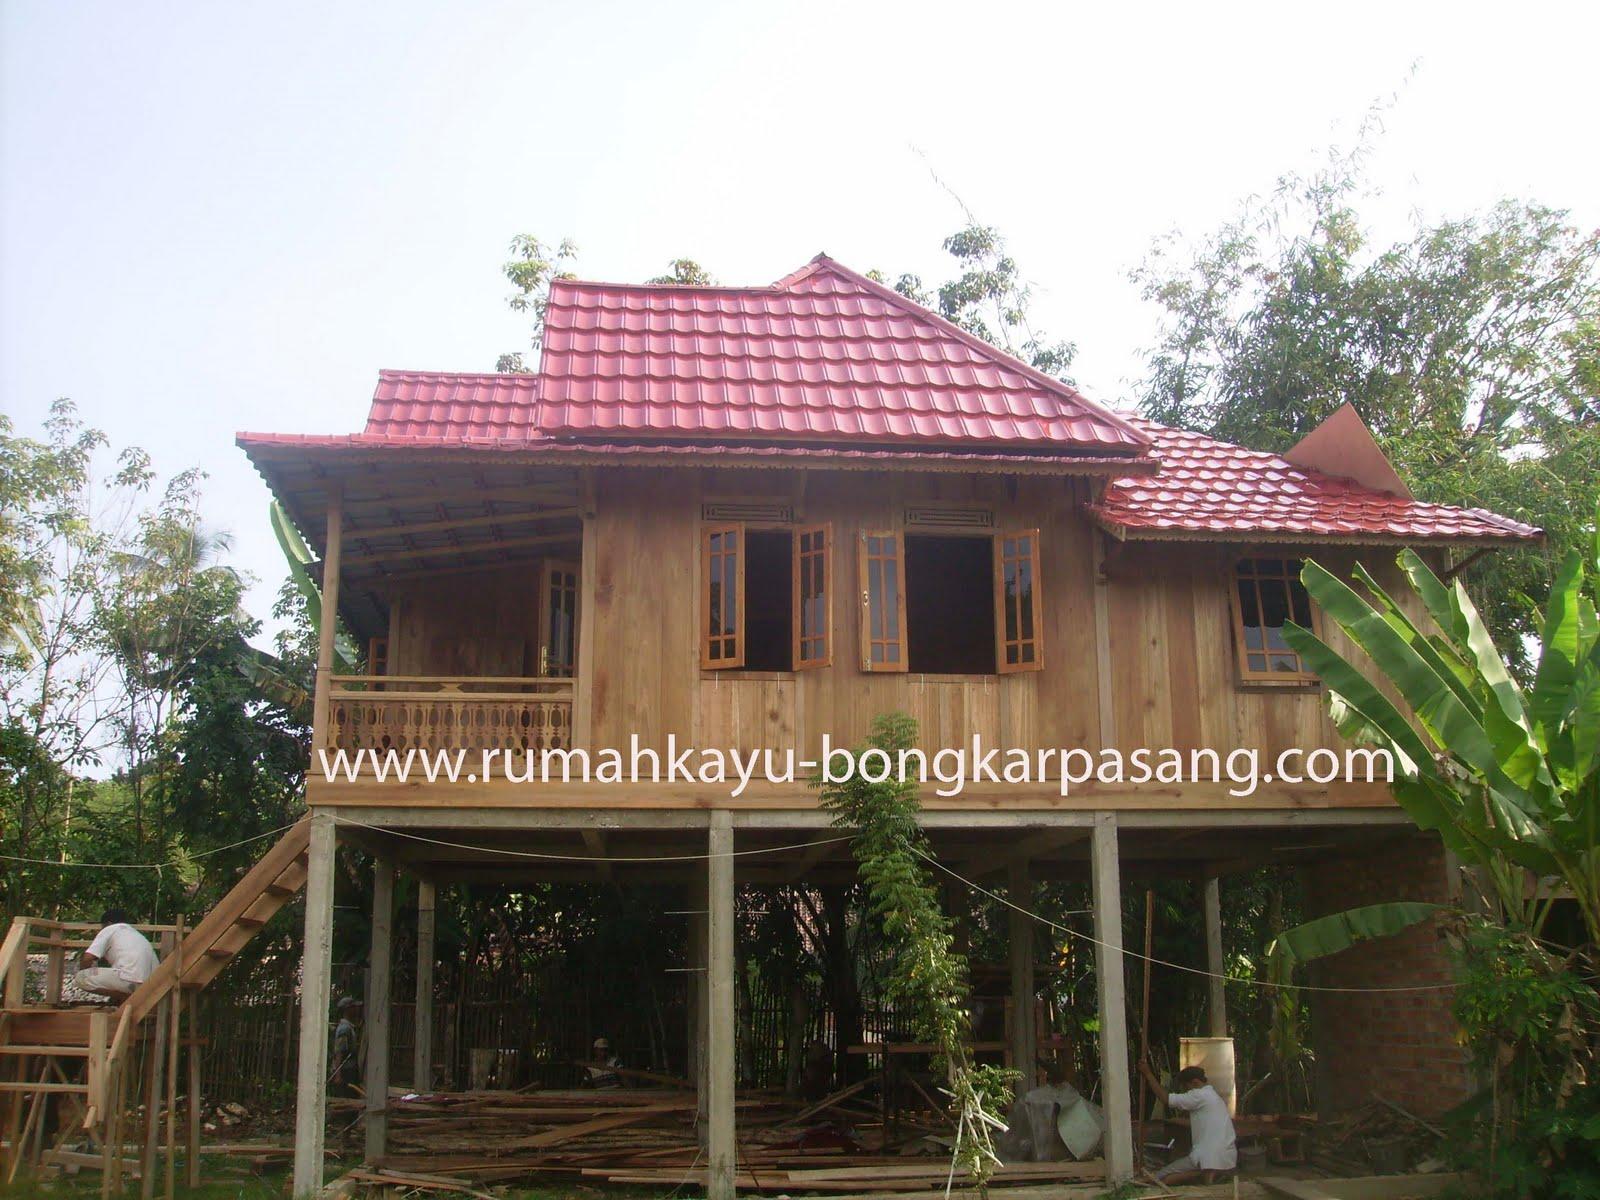 Agen Rumah Kayu | Rumah Bongkar Pasang Rumah Panggung ...